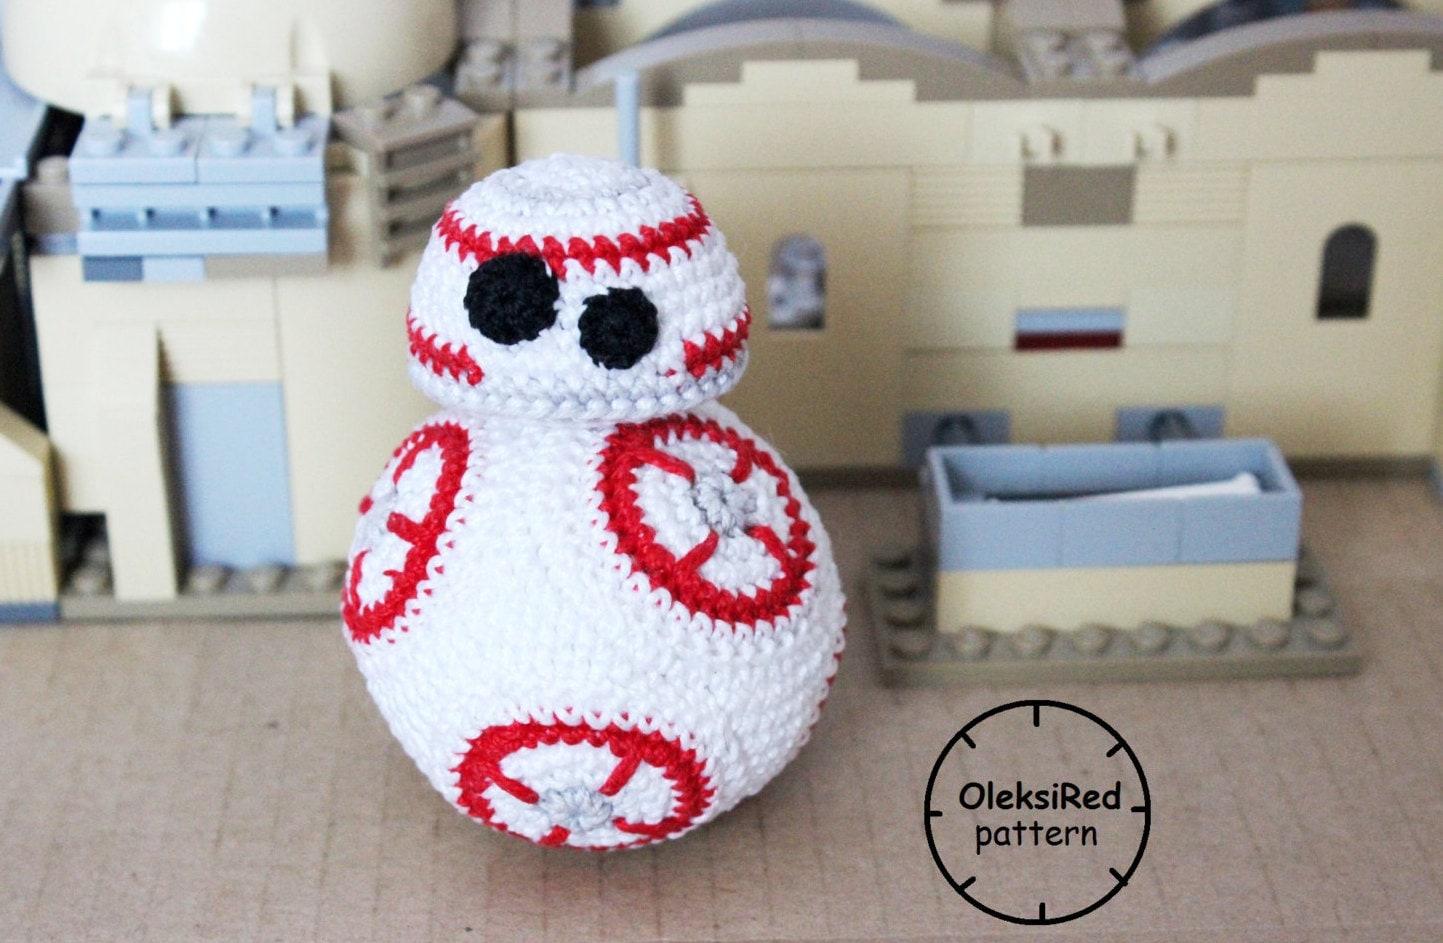 Free Star Wars Bb 8 Crochet Pattern : Star Wars CROCHET PATTERN Droid Bb8 amigurumi pattern